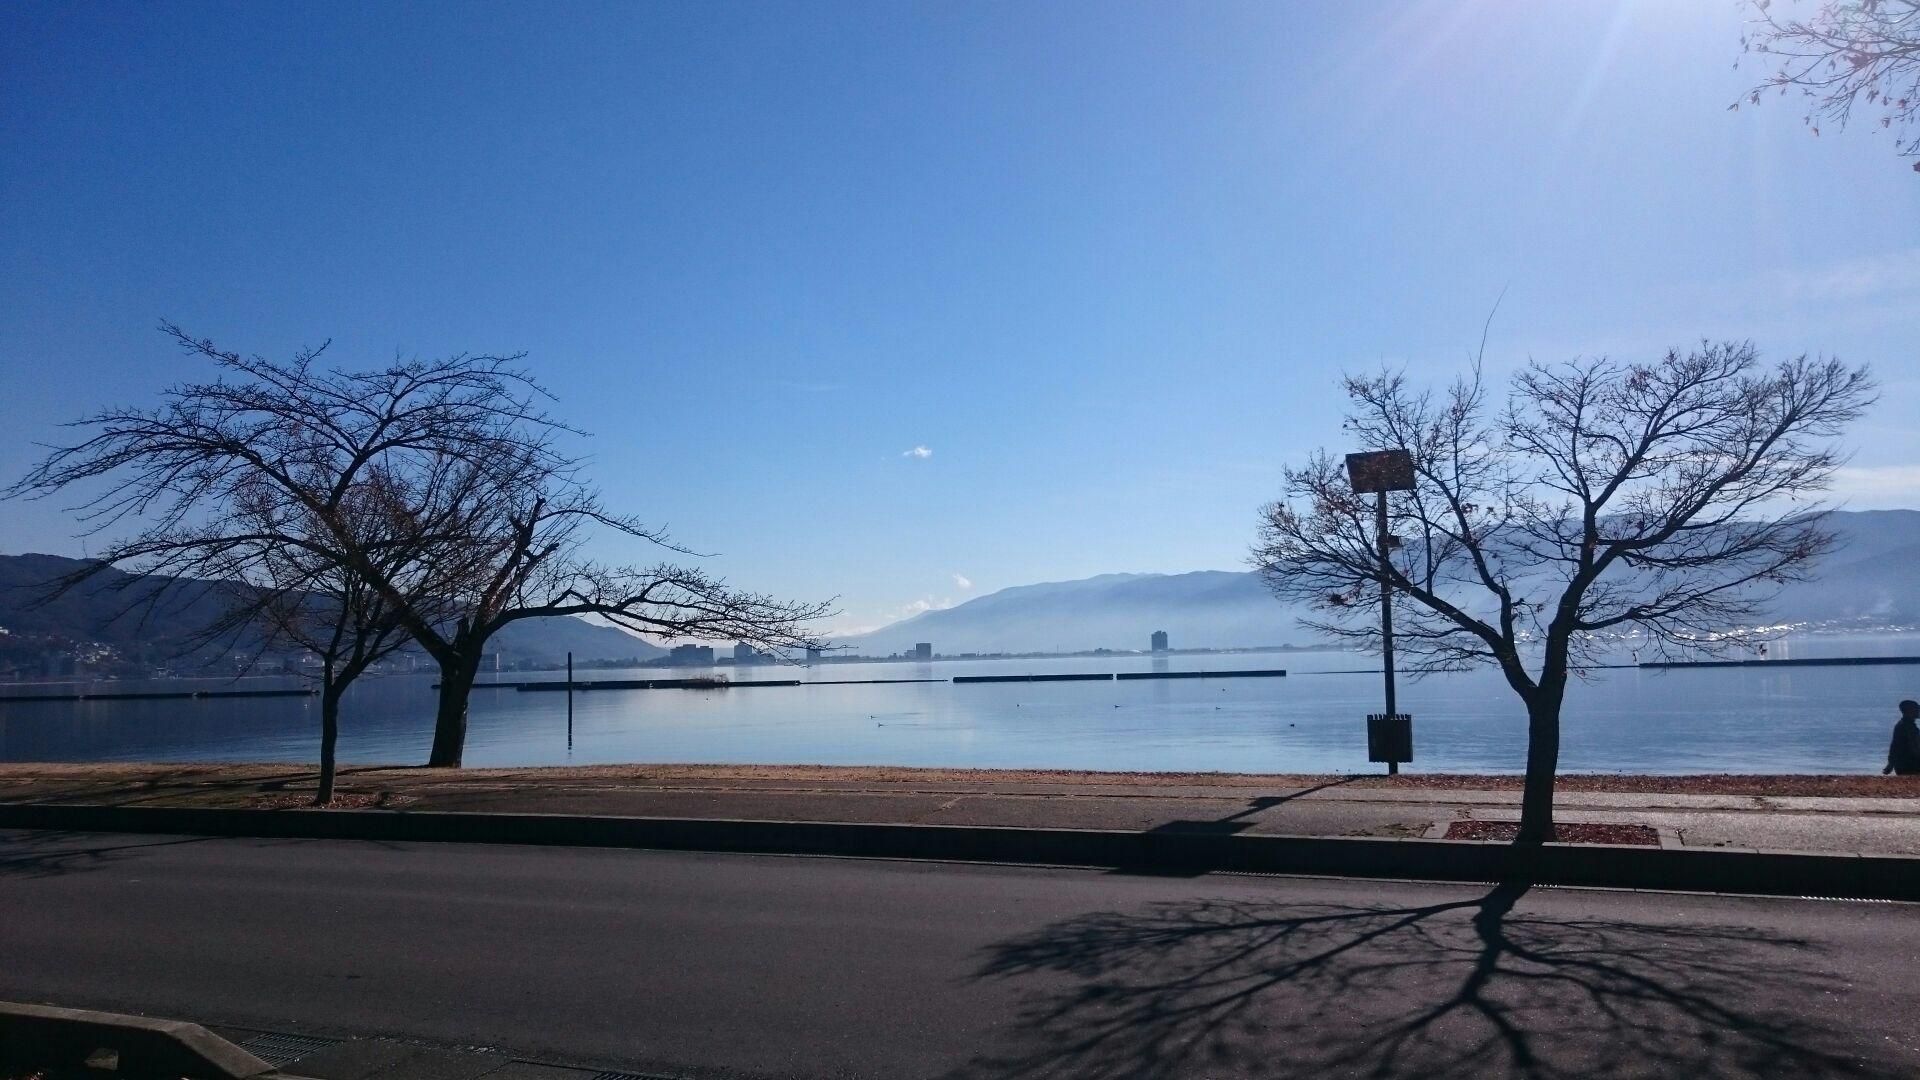 諏訪湖を眺めながら☆_f0147585_15383308.jpg